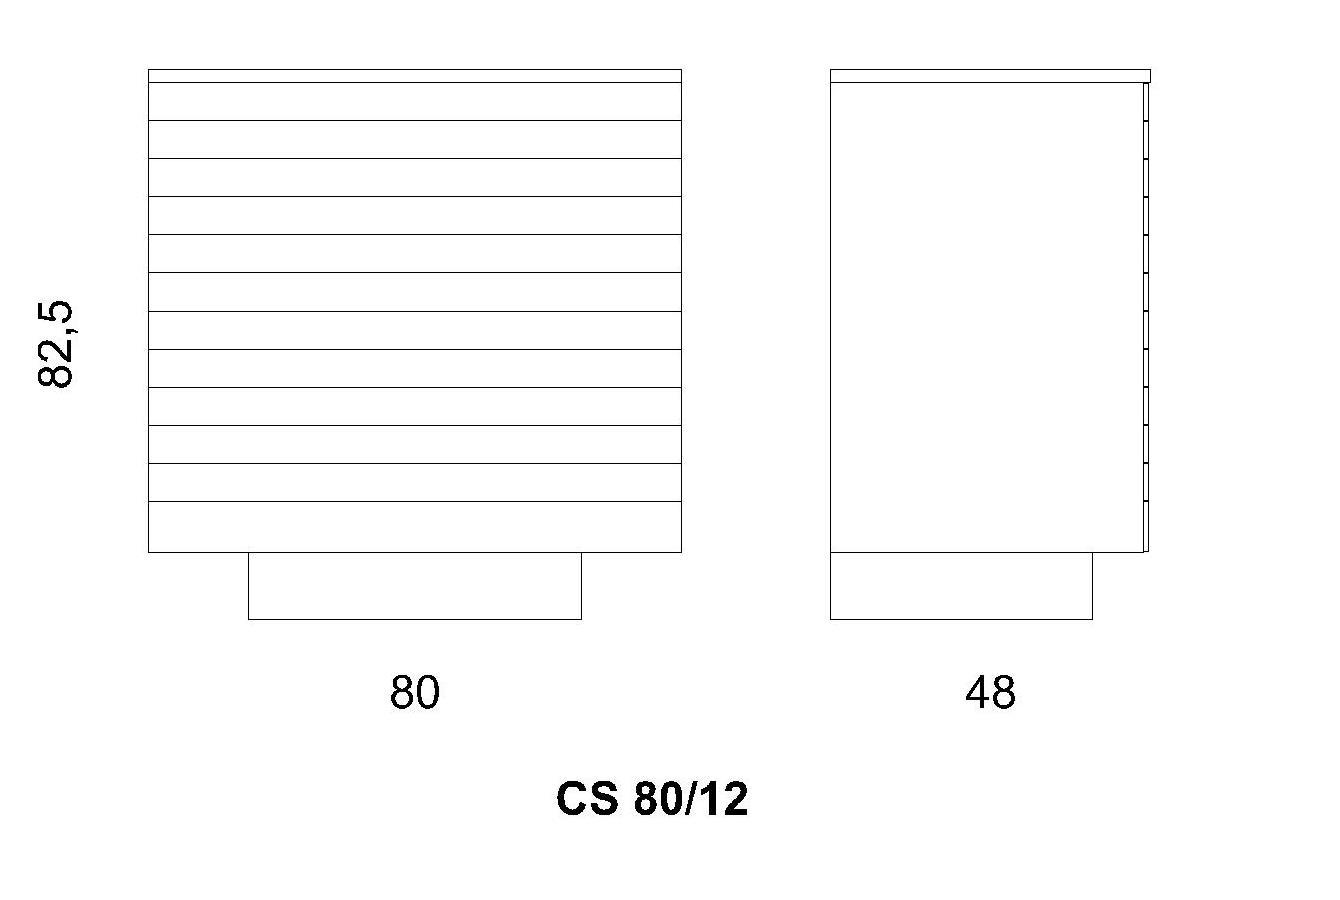 Cassettiera CS 80/12